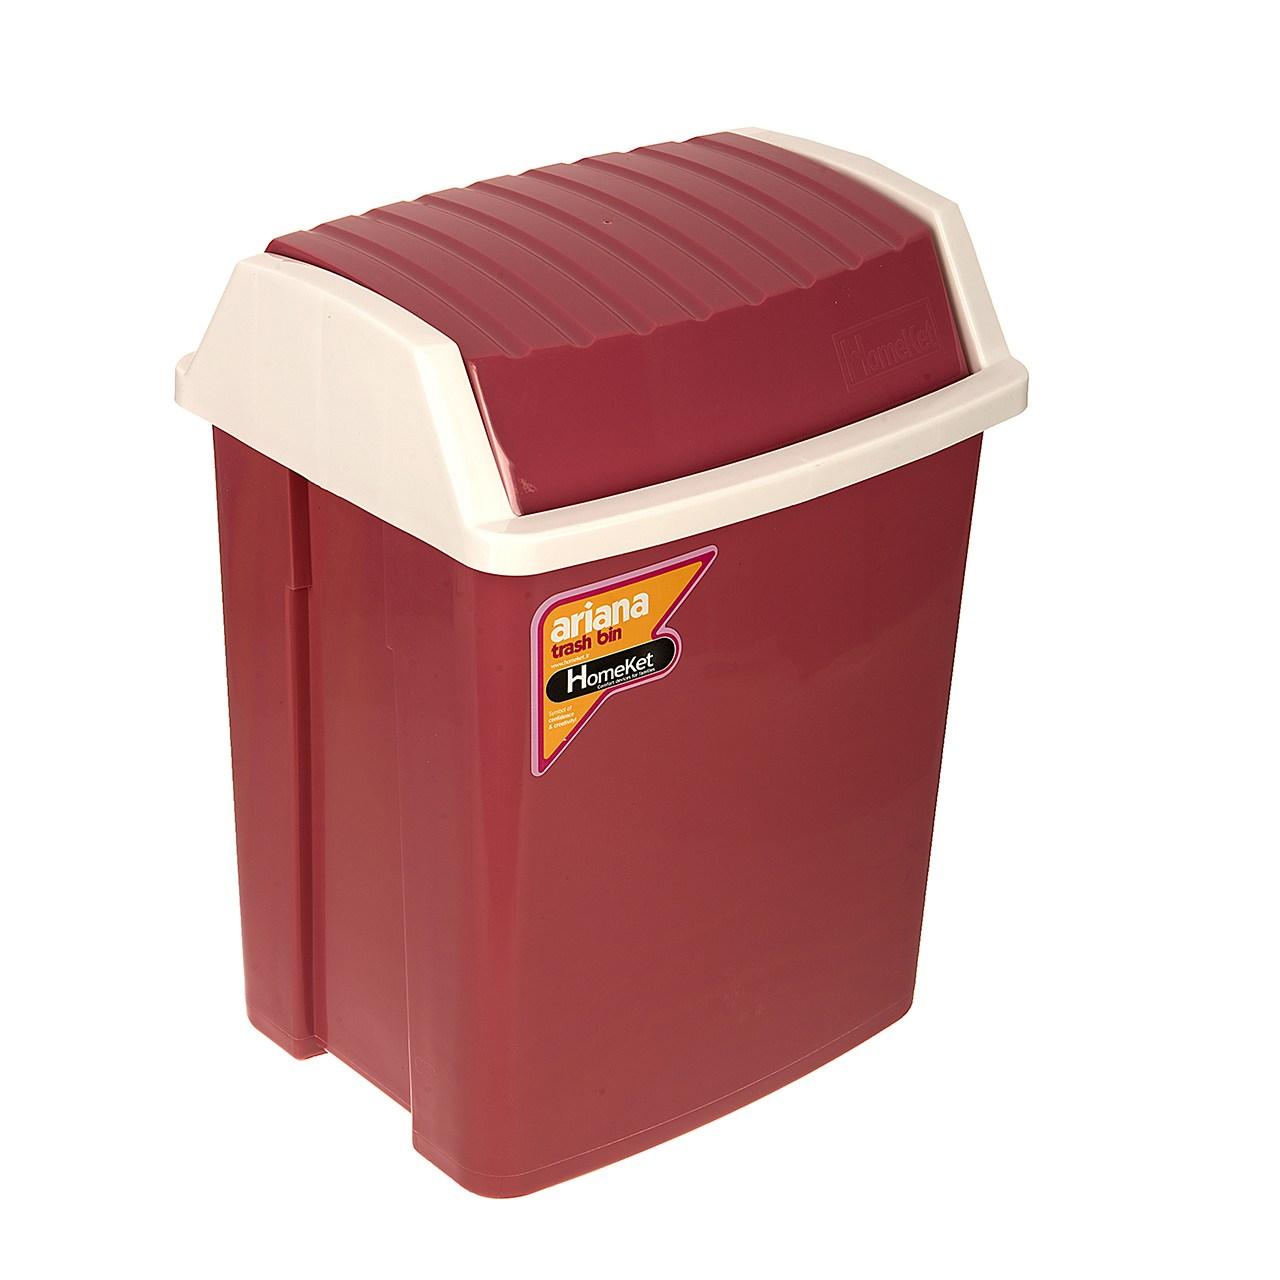 سطل زباله هوم کت مدل Ariana 2796